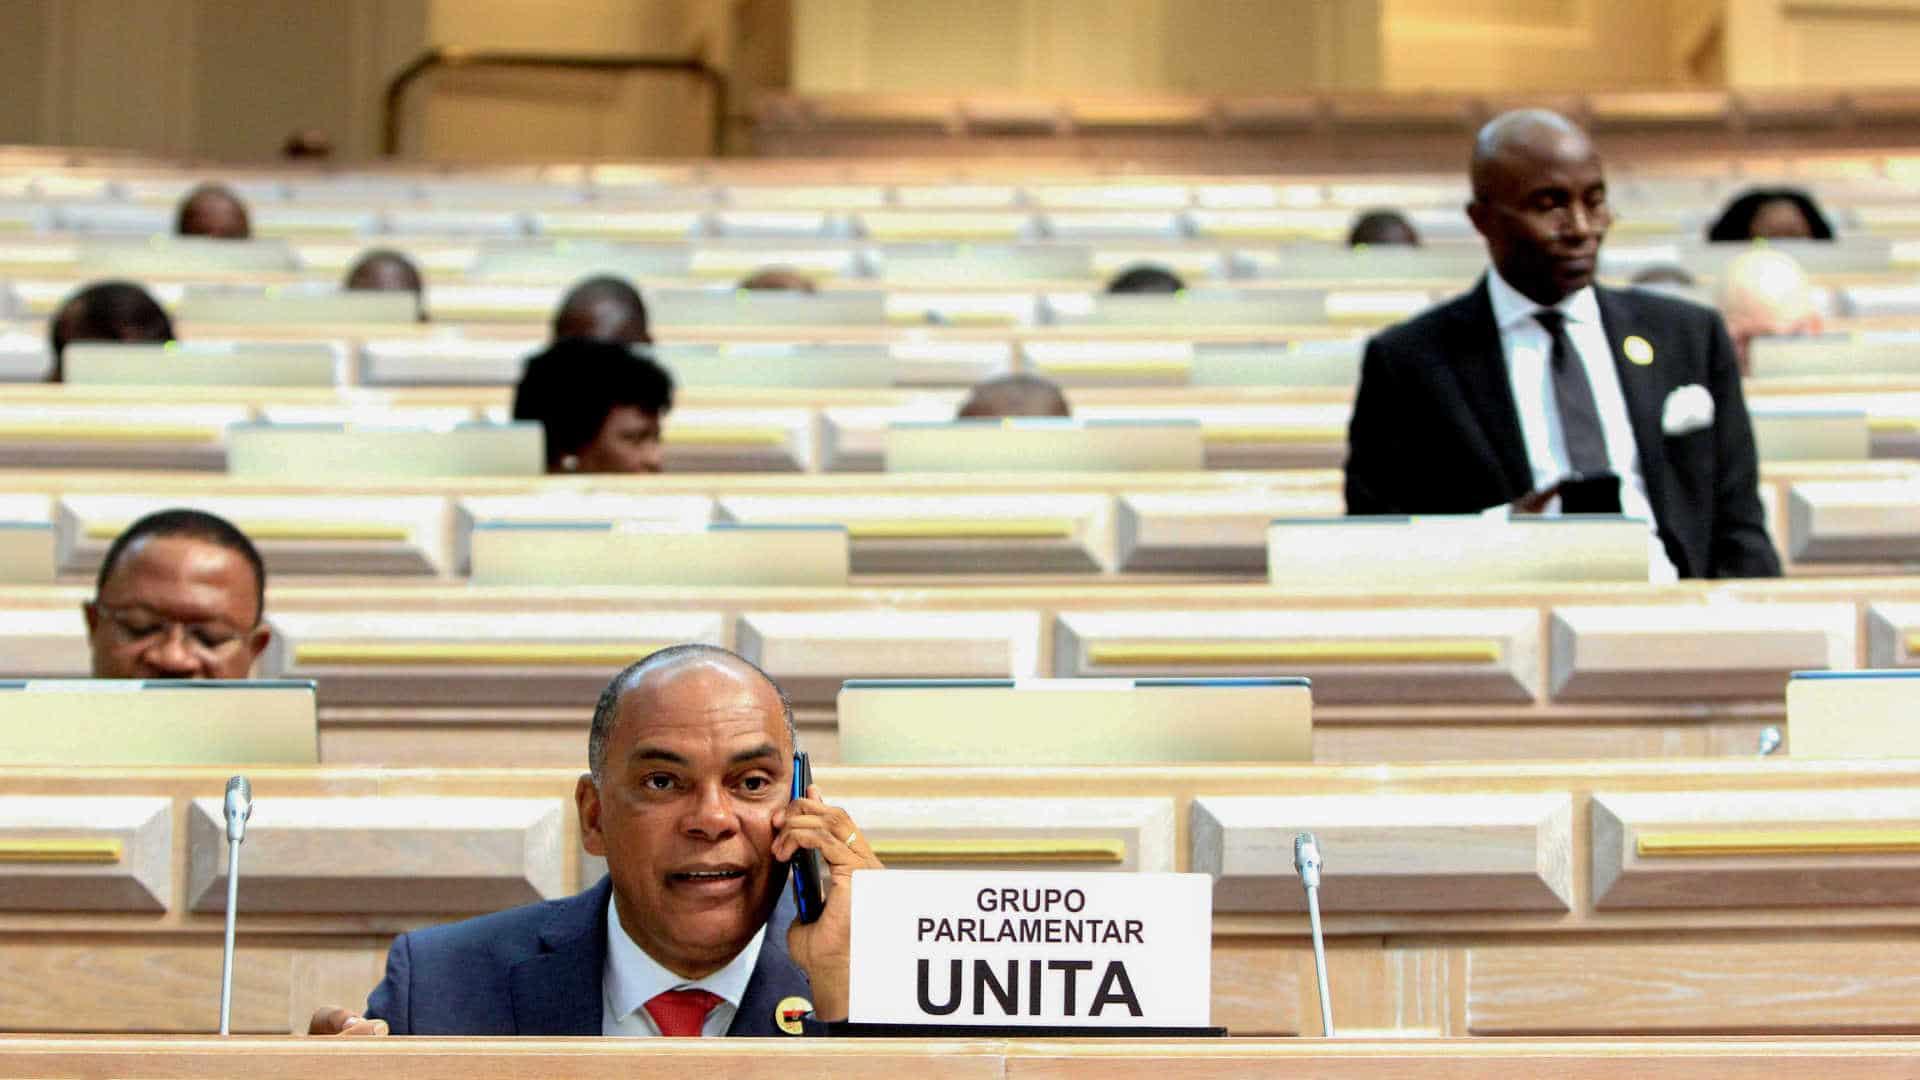 unita recorre de acórdão que impede parlamento de fiscalizar governo - UNITA Parlamento Adalberto - UNITA recorre de acórdão que impede parlamento de fiscalizar Governo